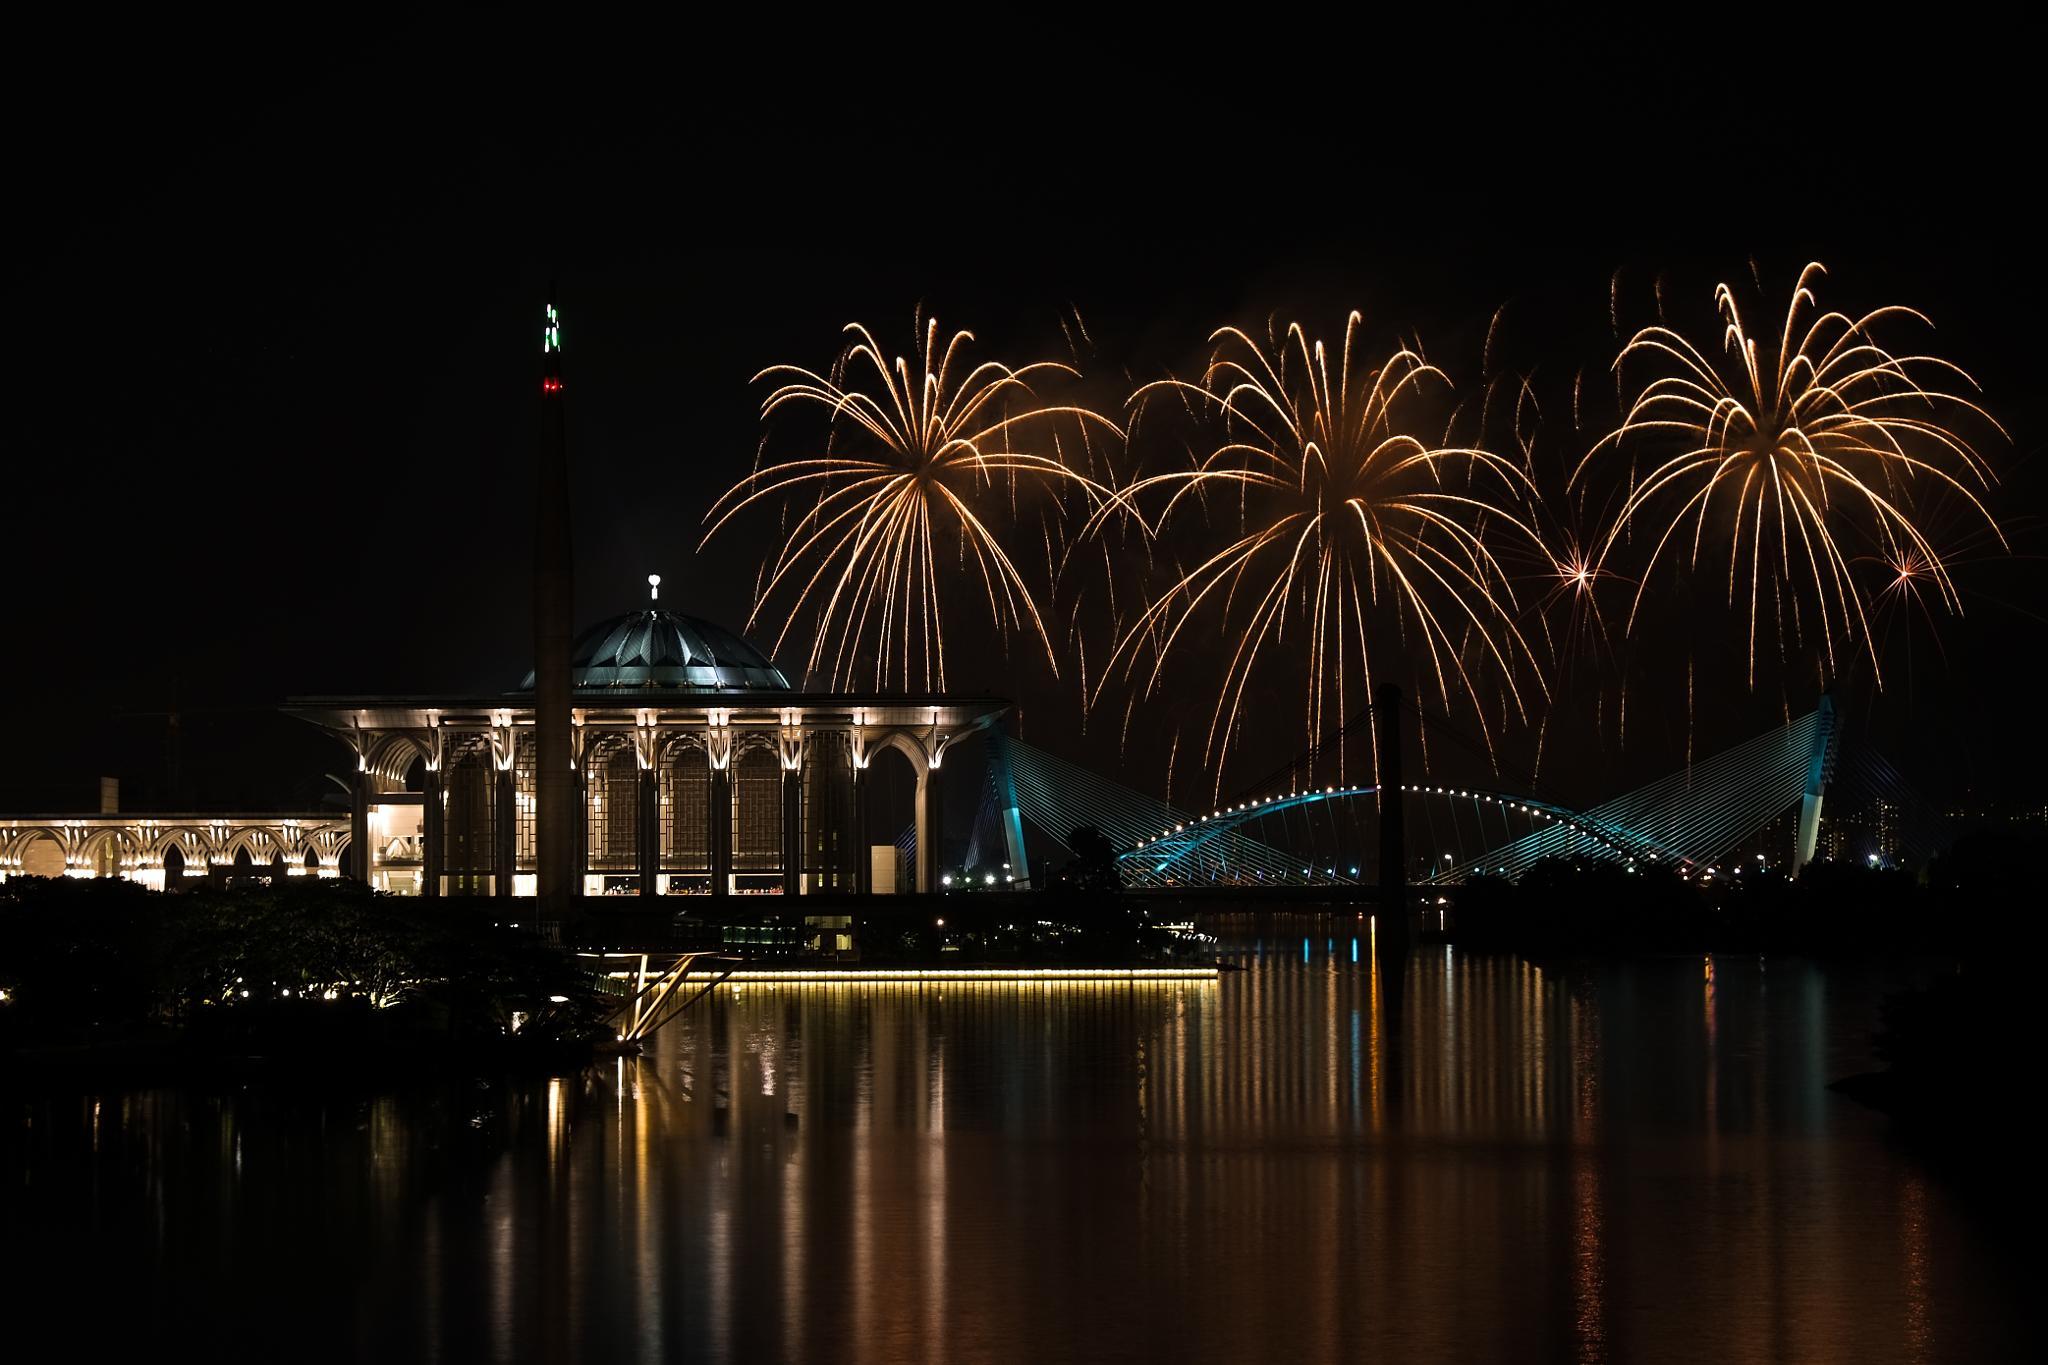 Fireworks by Burhanuddin